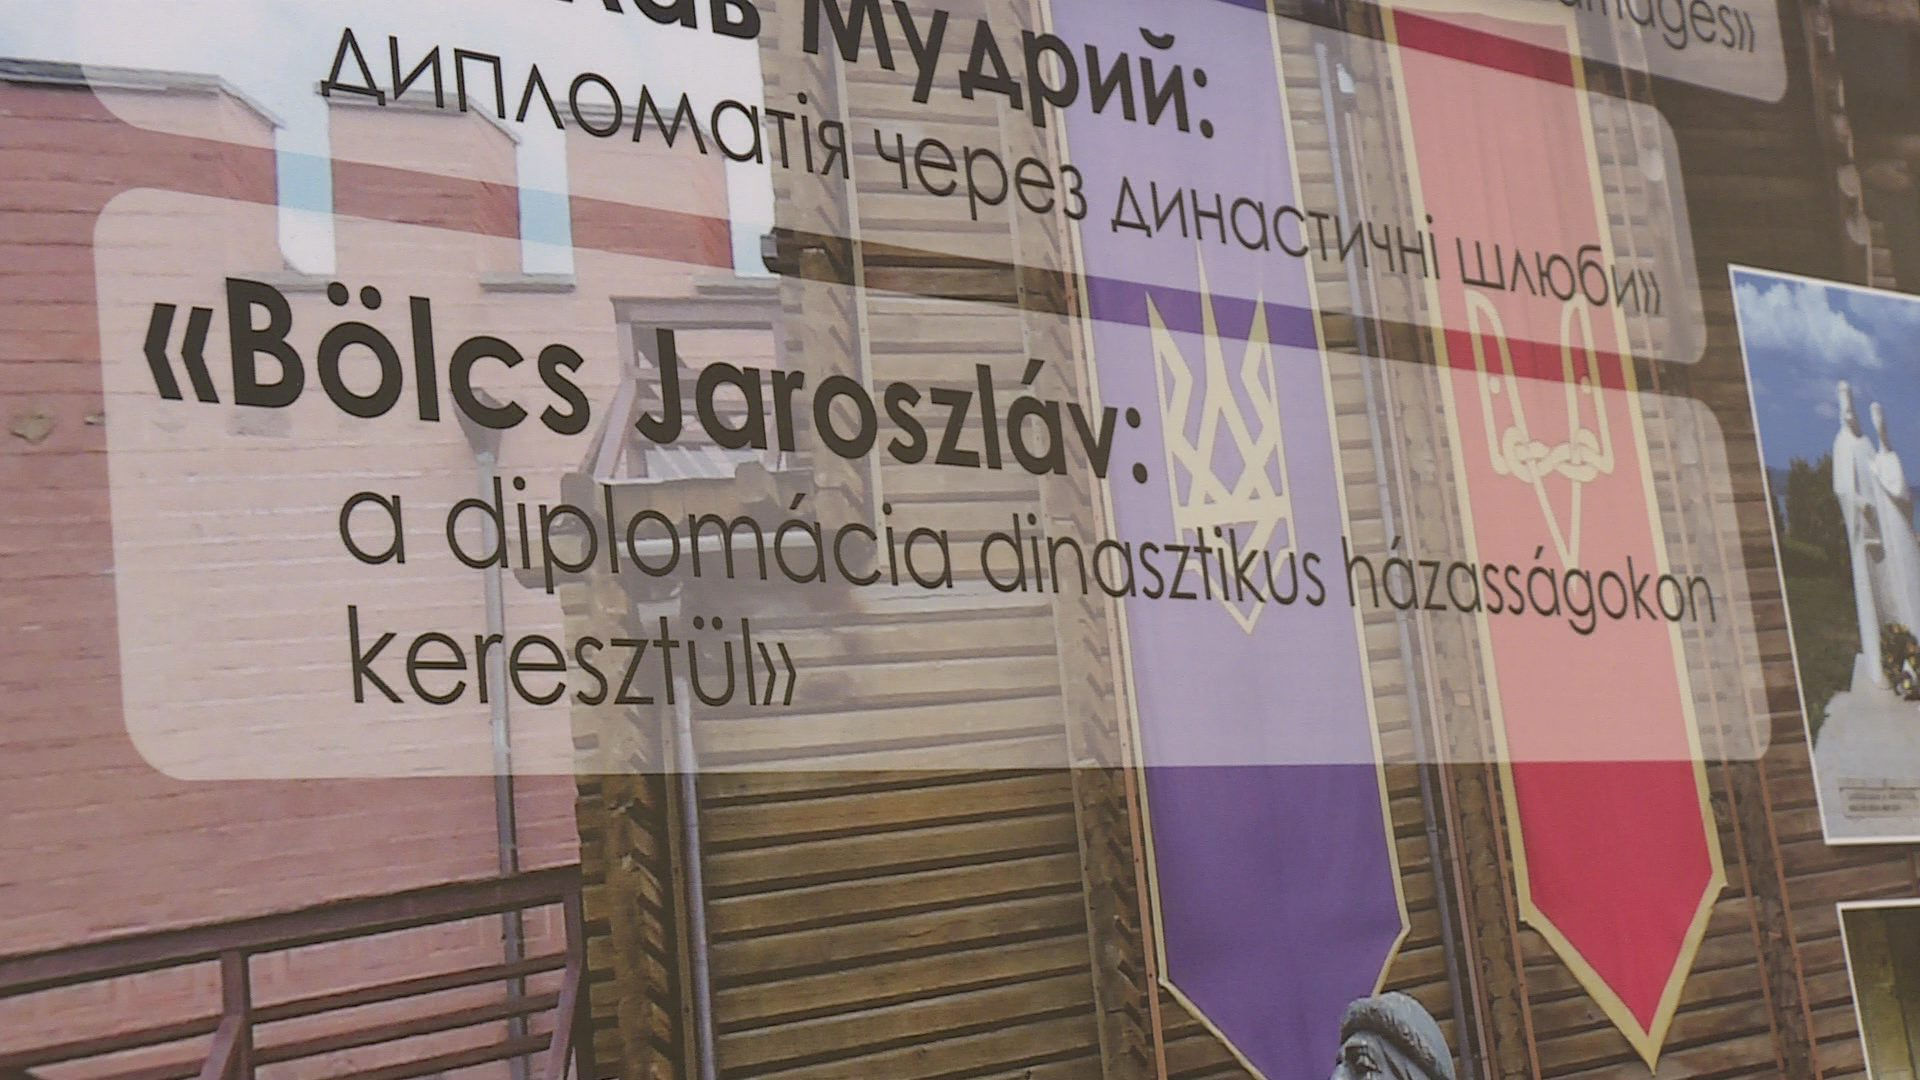 Ukrán kiállítás